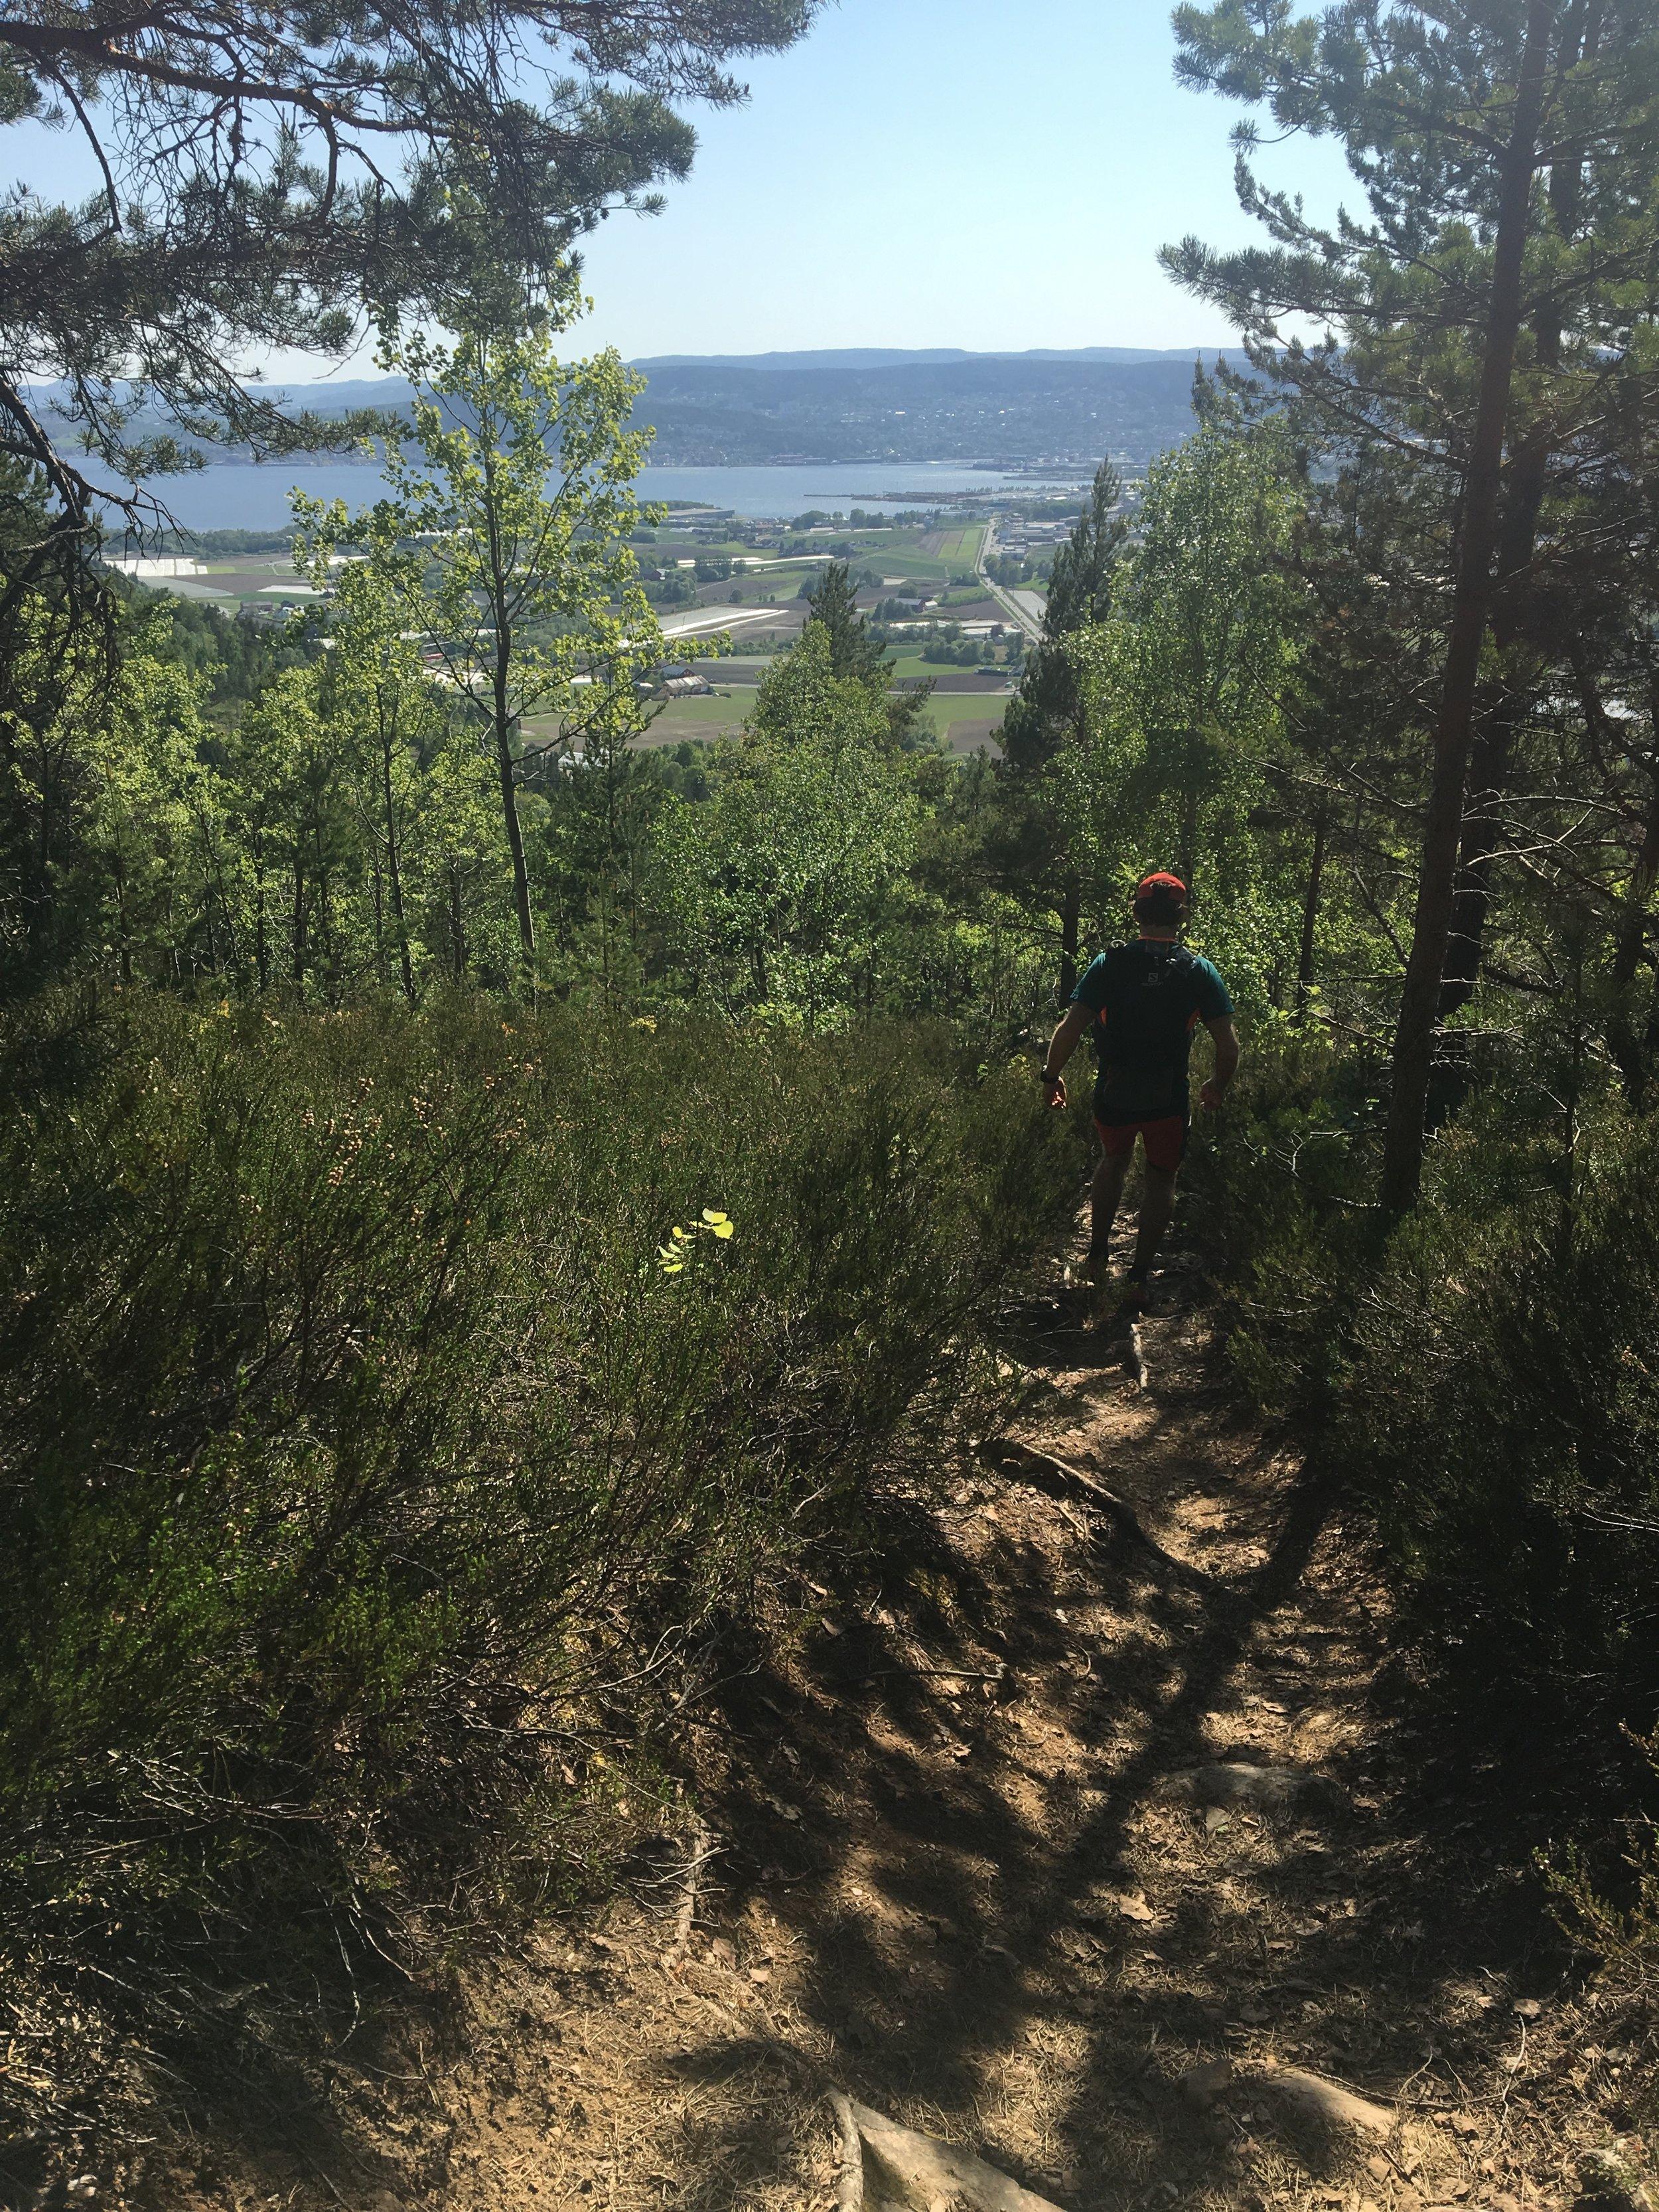 Morten på vei ned utforbakkene i Reistadlia. Drammensfjorden og veien videre i bakgrunnen.